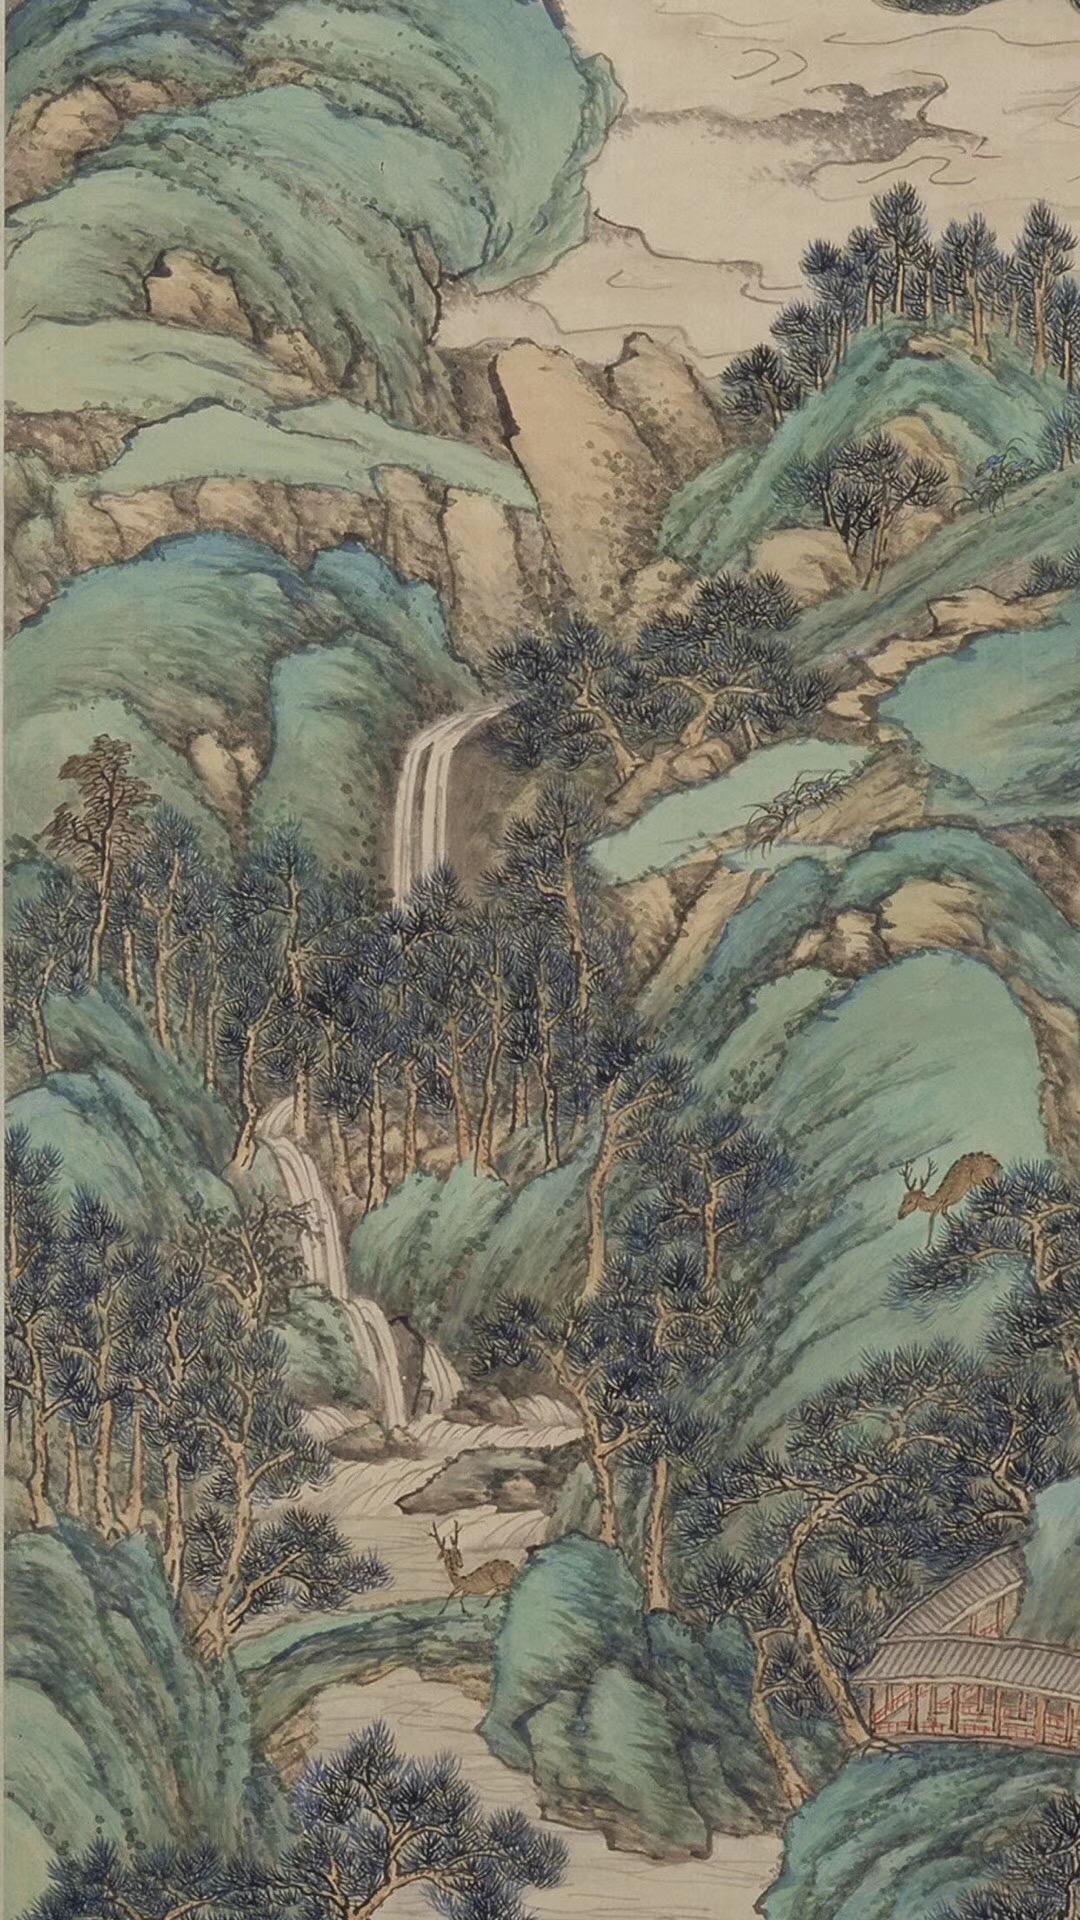 盎然春色的《仙境春长图》:青绿山水生机无限